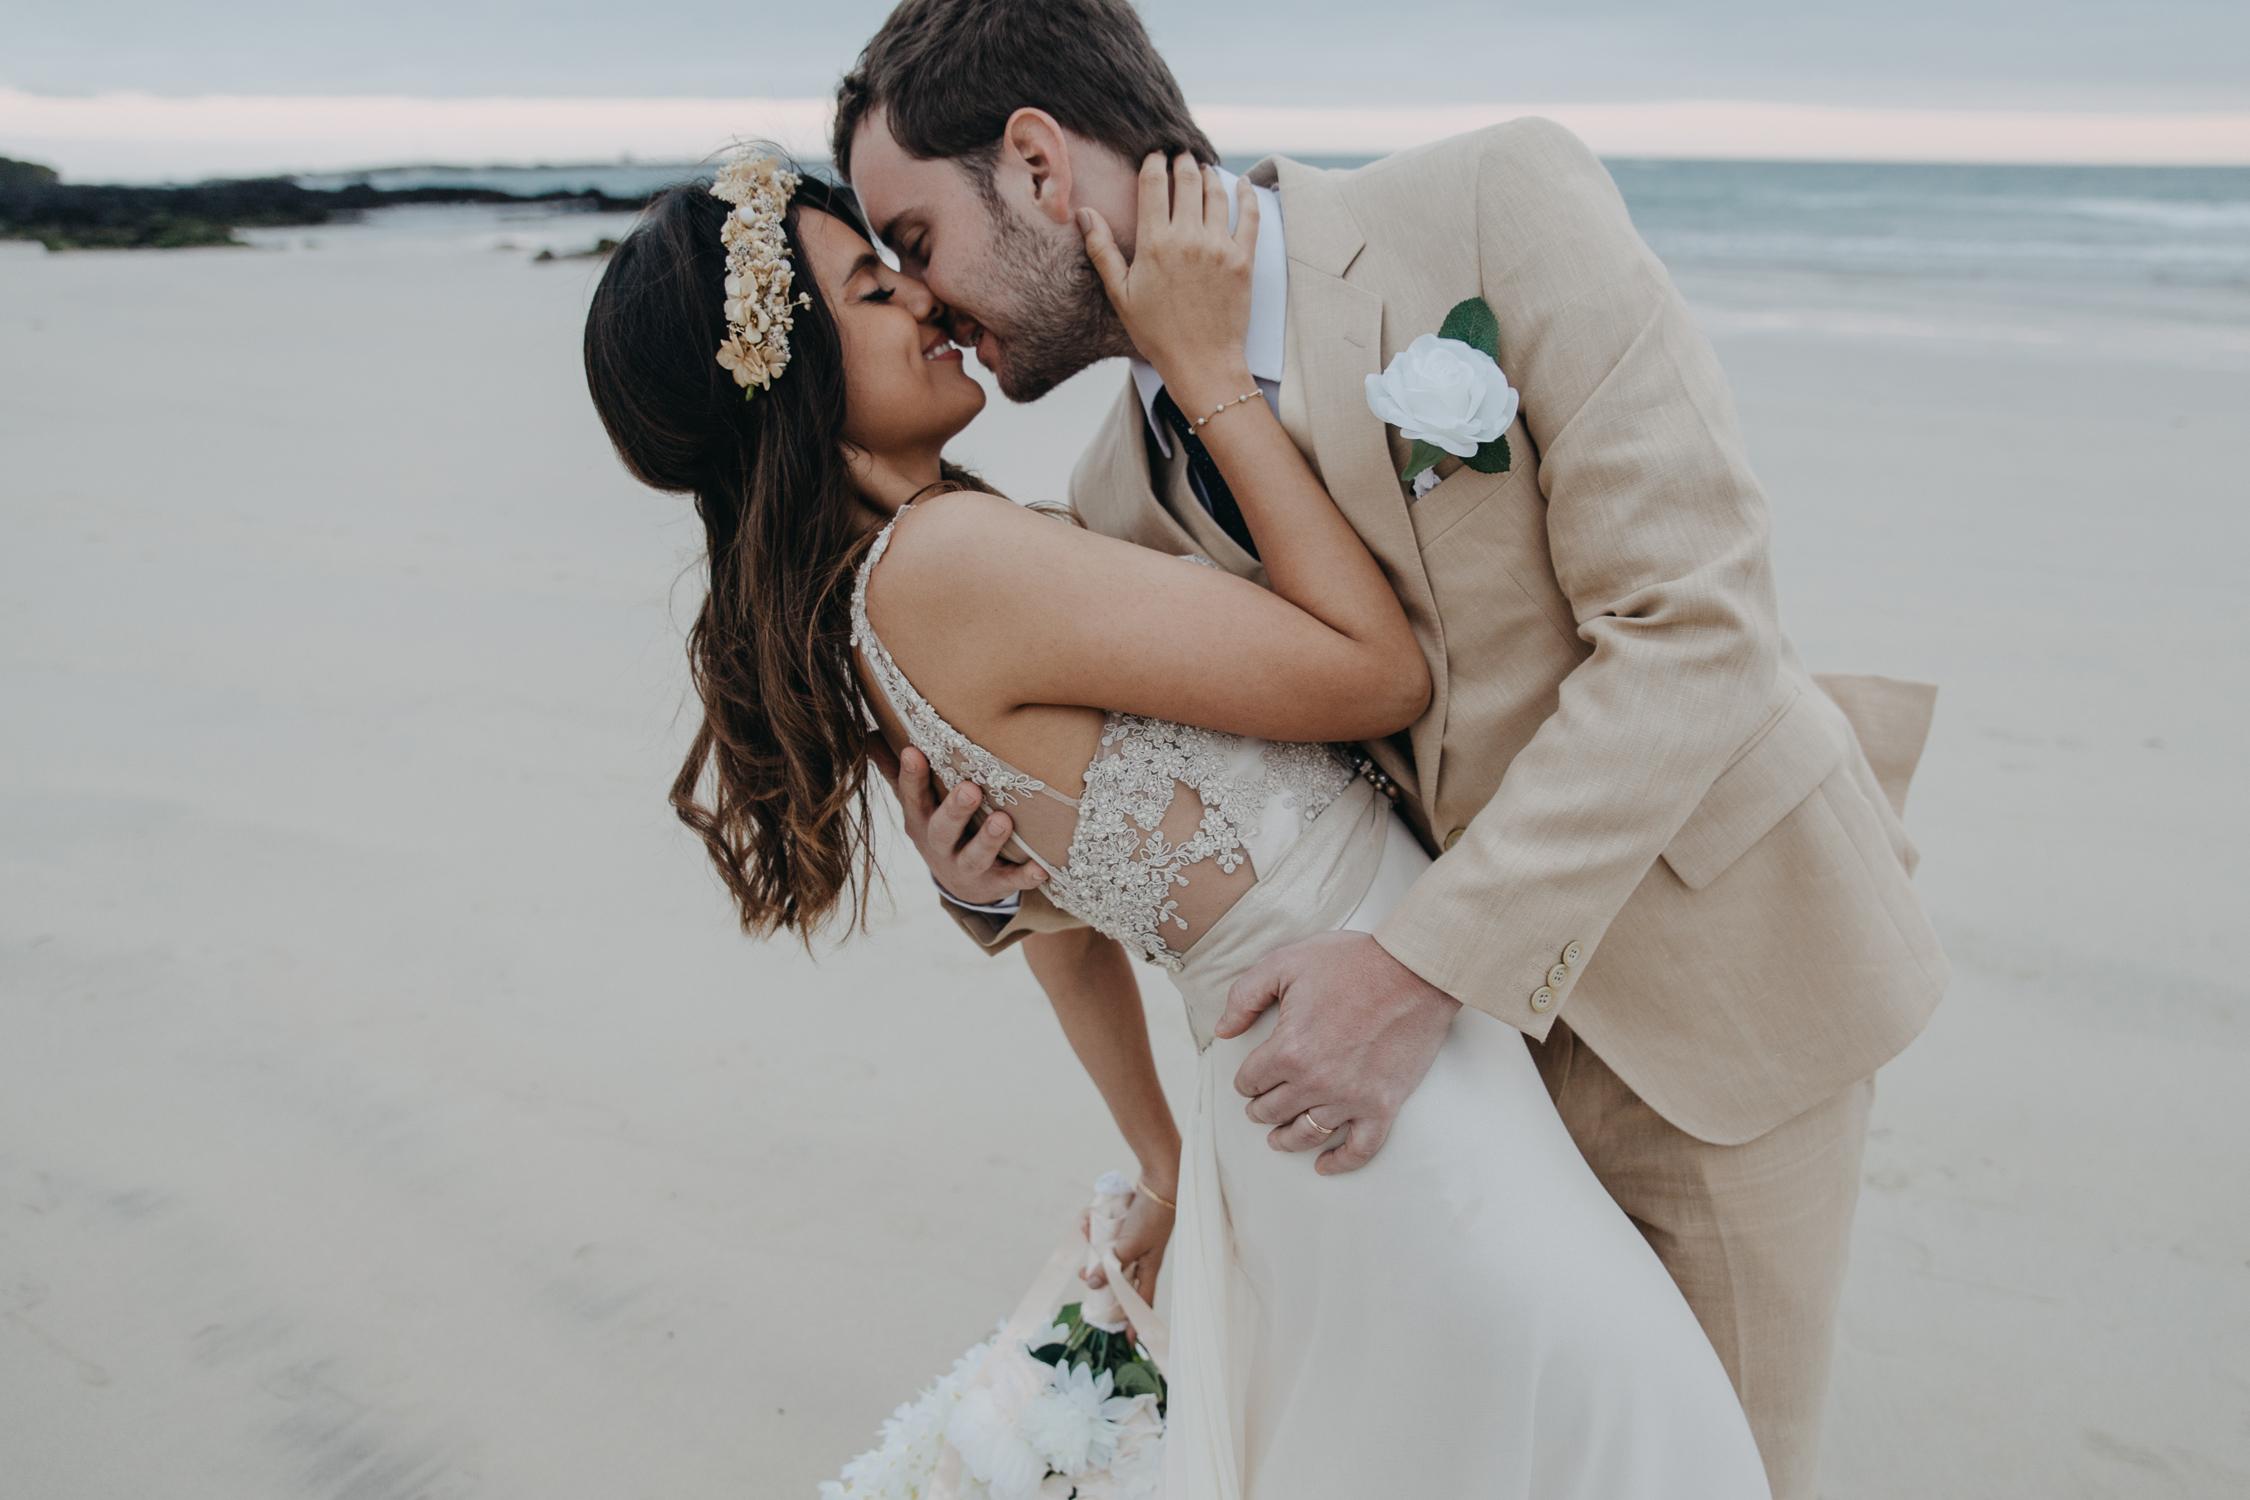 Michelle-Agurto-Fotografia-Bodas-Ecuador-Destination-Wedding-Photographer-Galapagos-Andrea-Joaquin-197.JPG